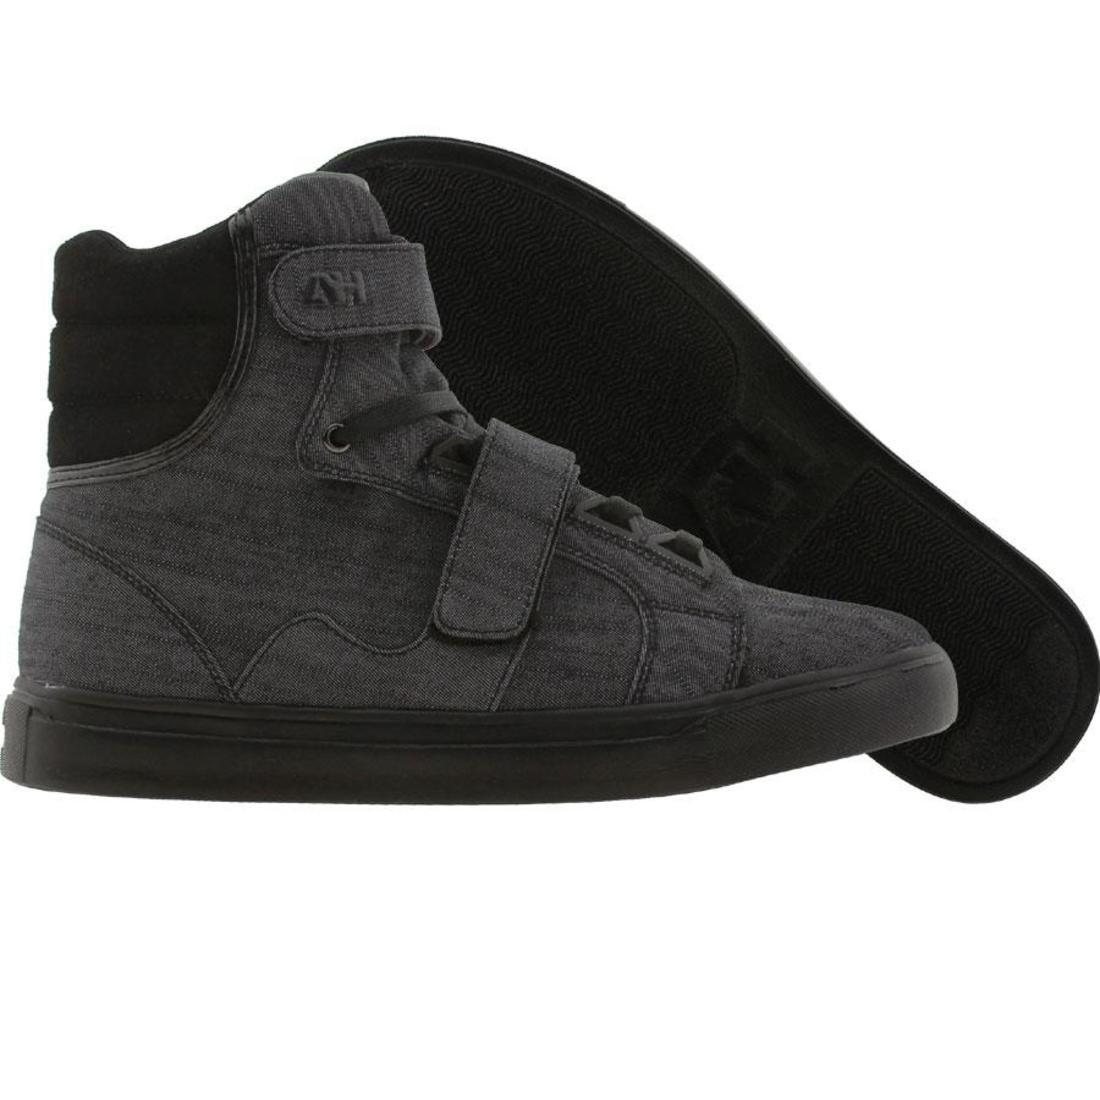 【海外限定】ハイ スニーカー 靴 【 AH BY ANDROID HOMME PROPULSION HIGH BLACK 】